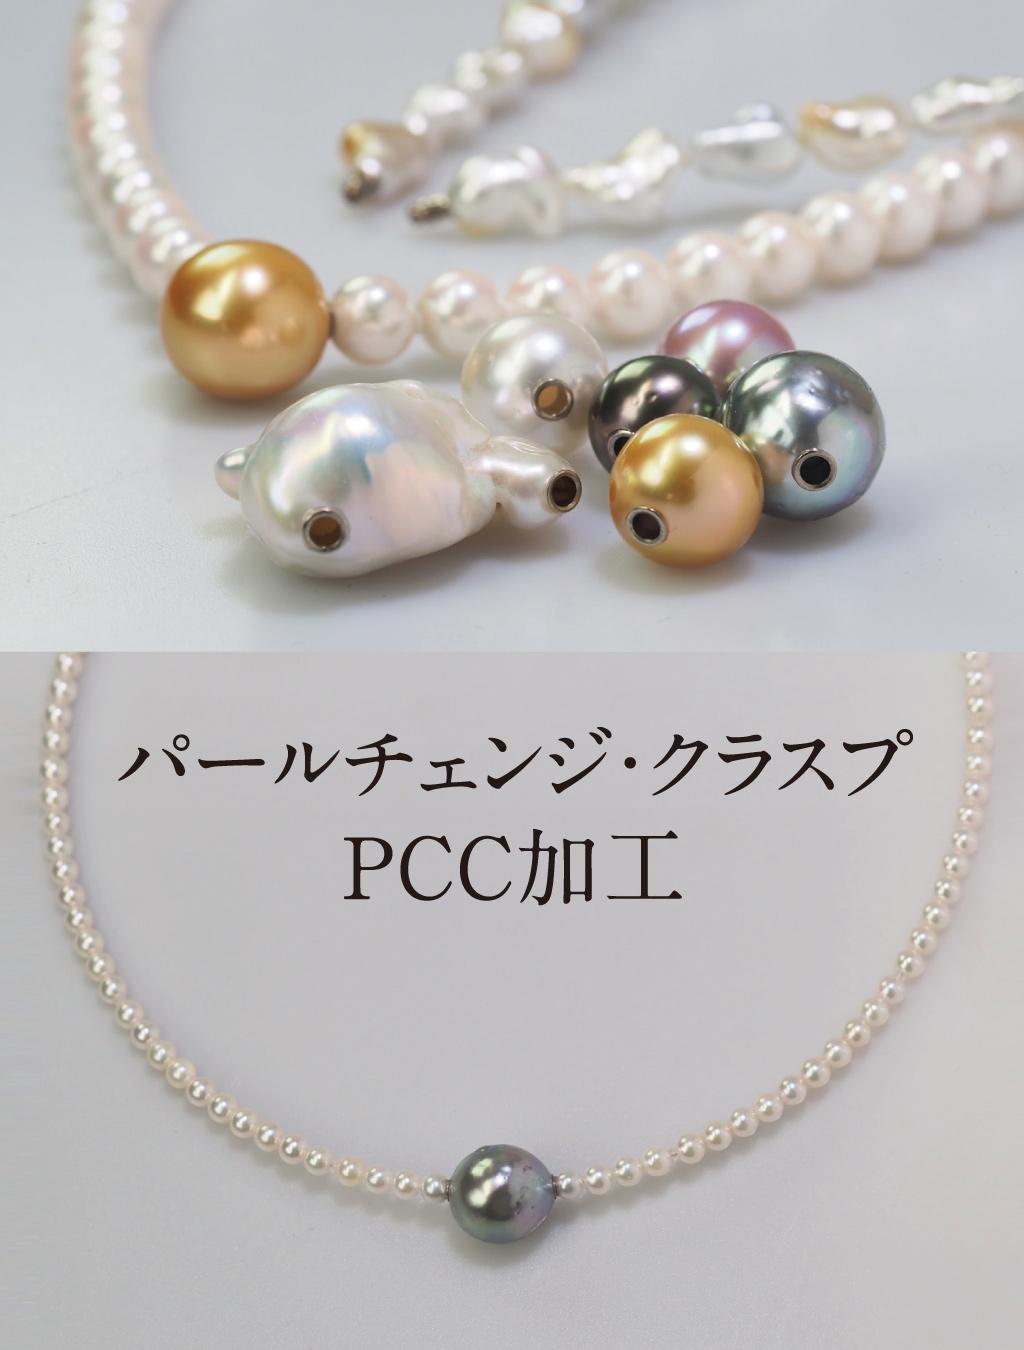 真珠ネックレスの留め金具を「真珠」で作る